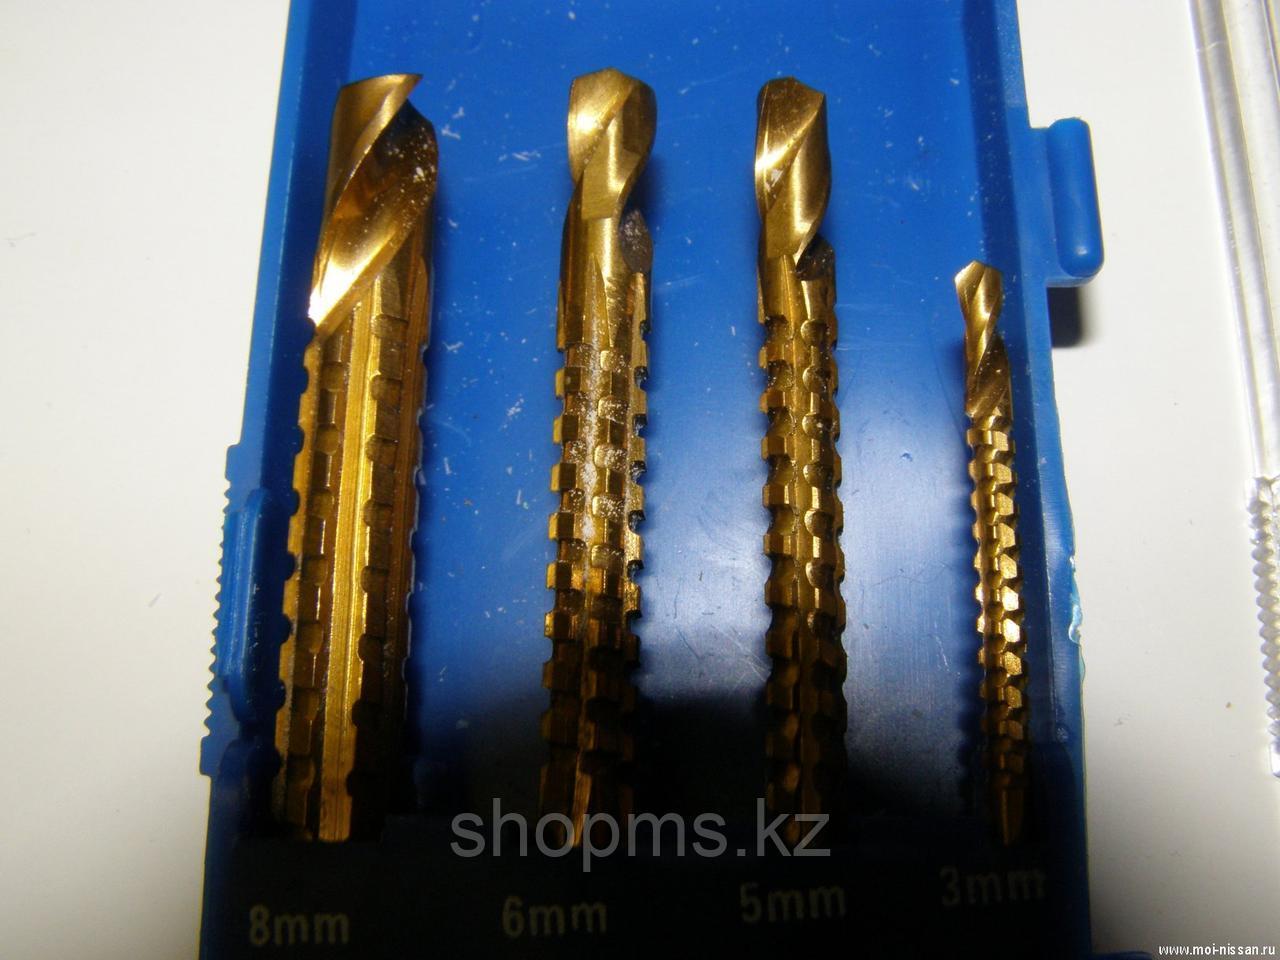 Сверло-фреза универсальное титановое покрытие, набор 4 шт. (3; 5; 6; 8 мм)